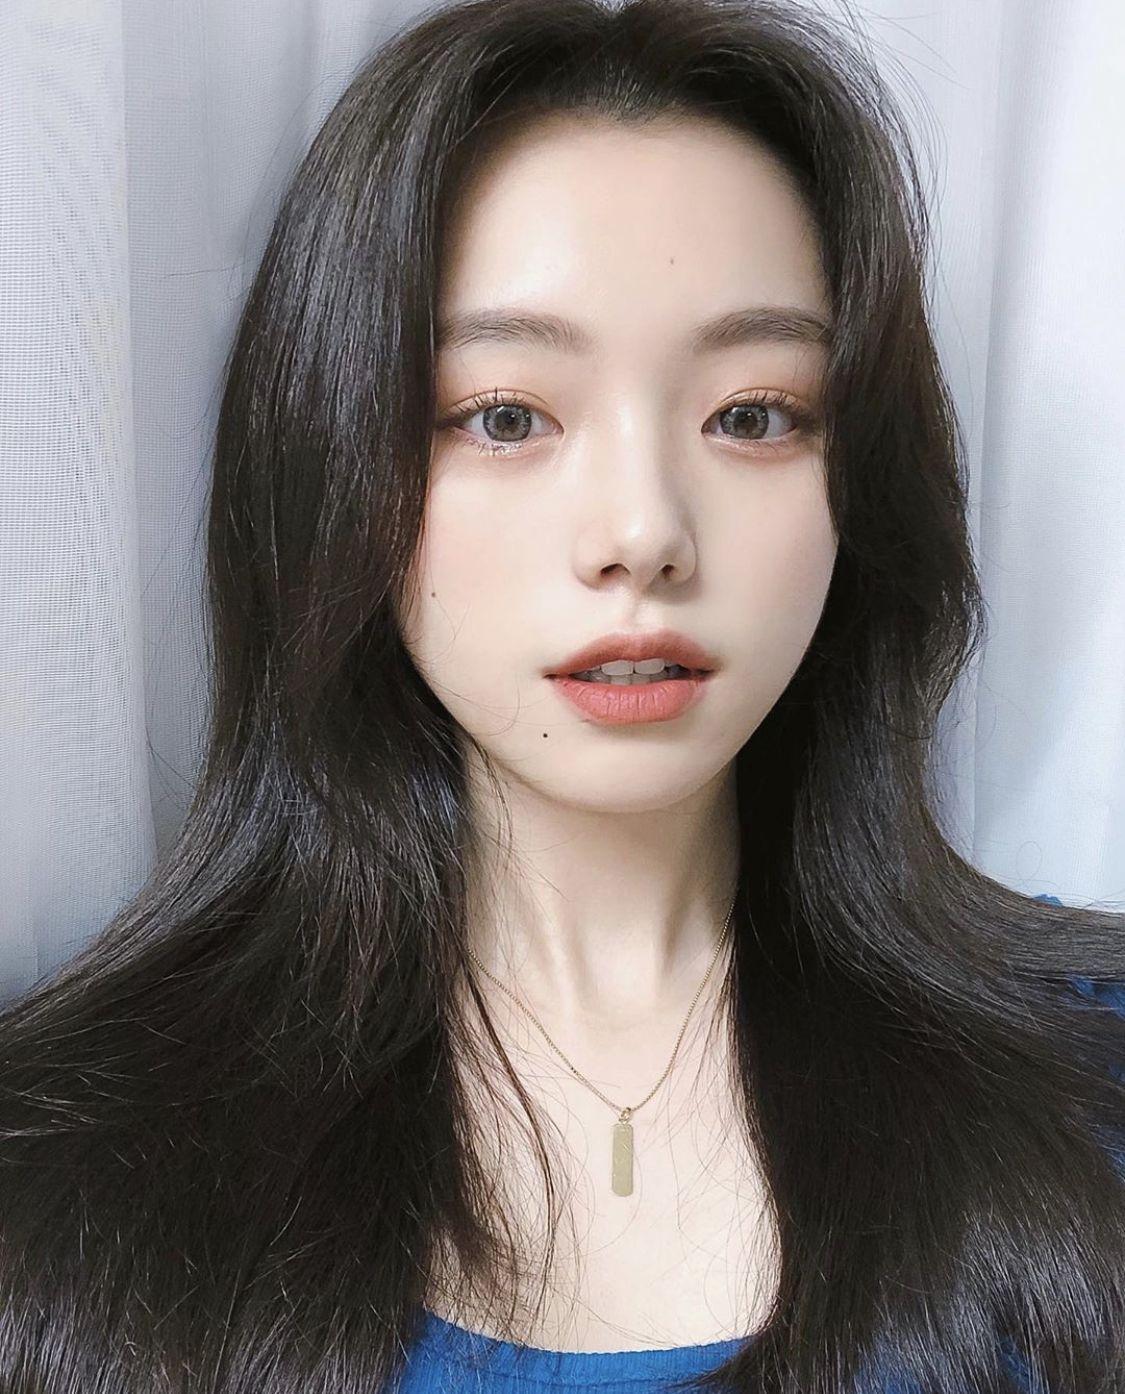 𝑠𝑜𝑚𝑒𝑡𝘩𝑖𝑛𝑔 𝑠𝑝𝑒𝑐𝑖𝑎𝑙 in 2020 Pretty korean girls, Light